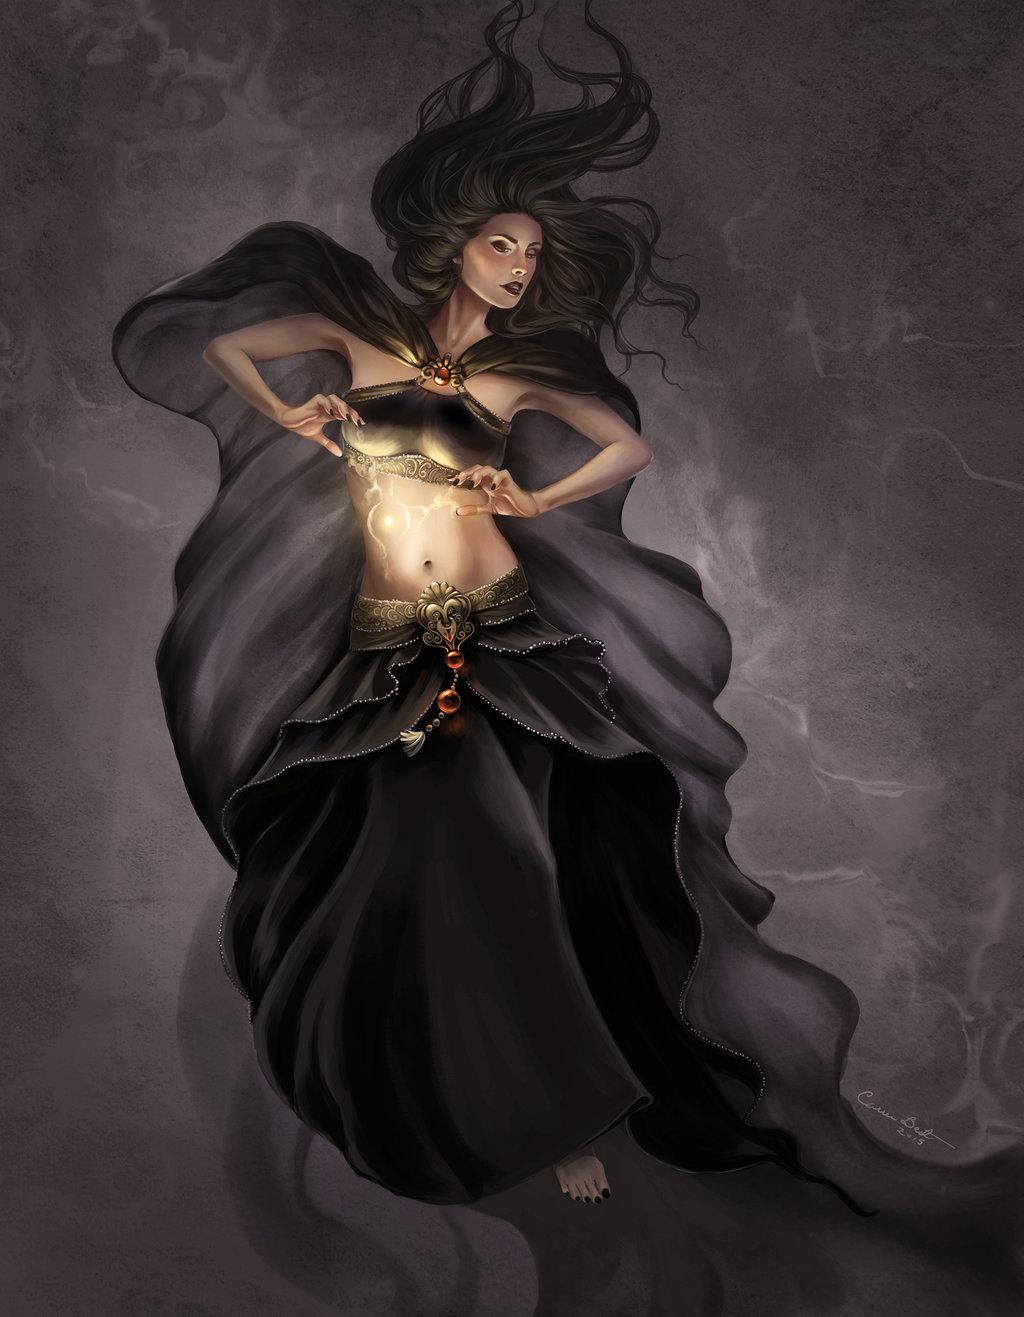 теплое цыганка ведьма картинки употребляется данное словосочетание